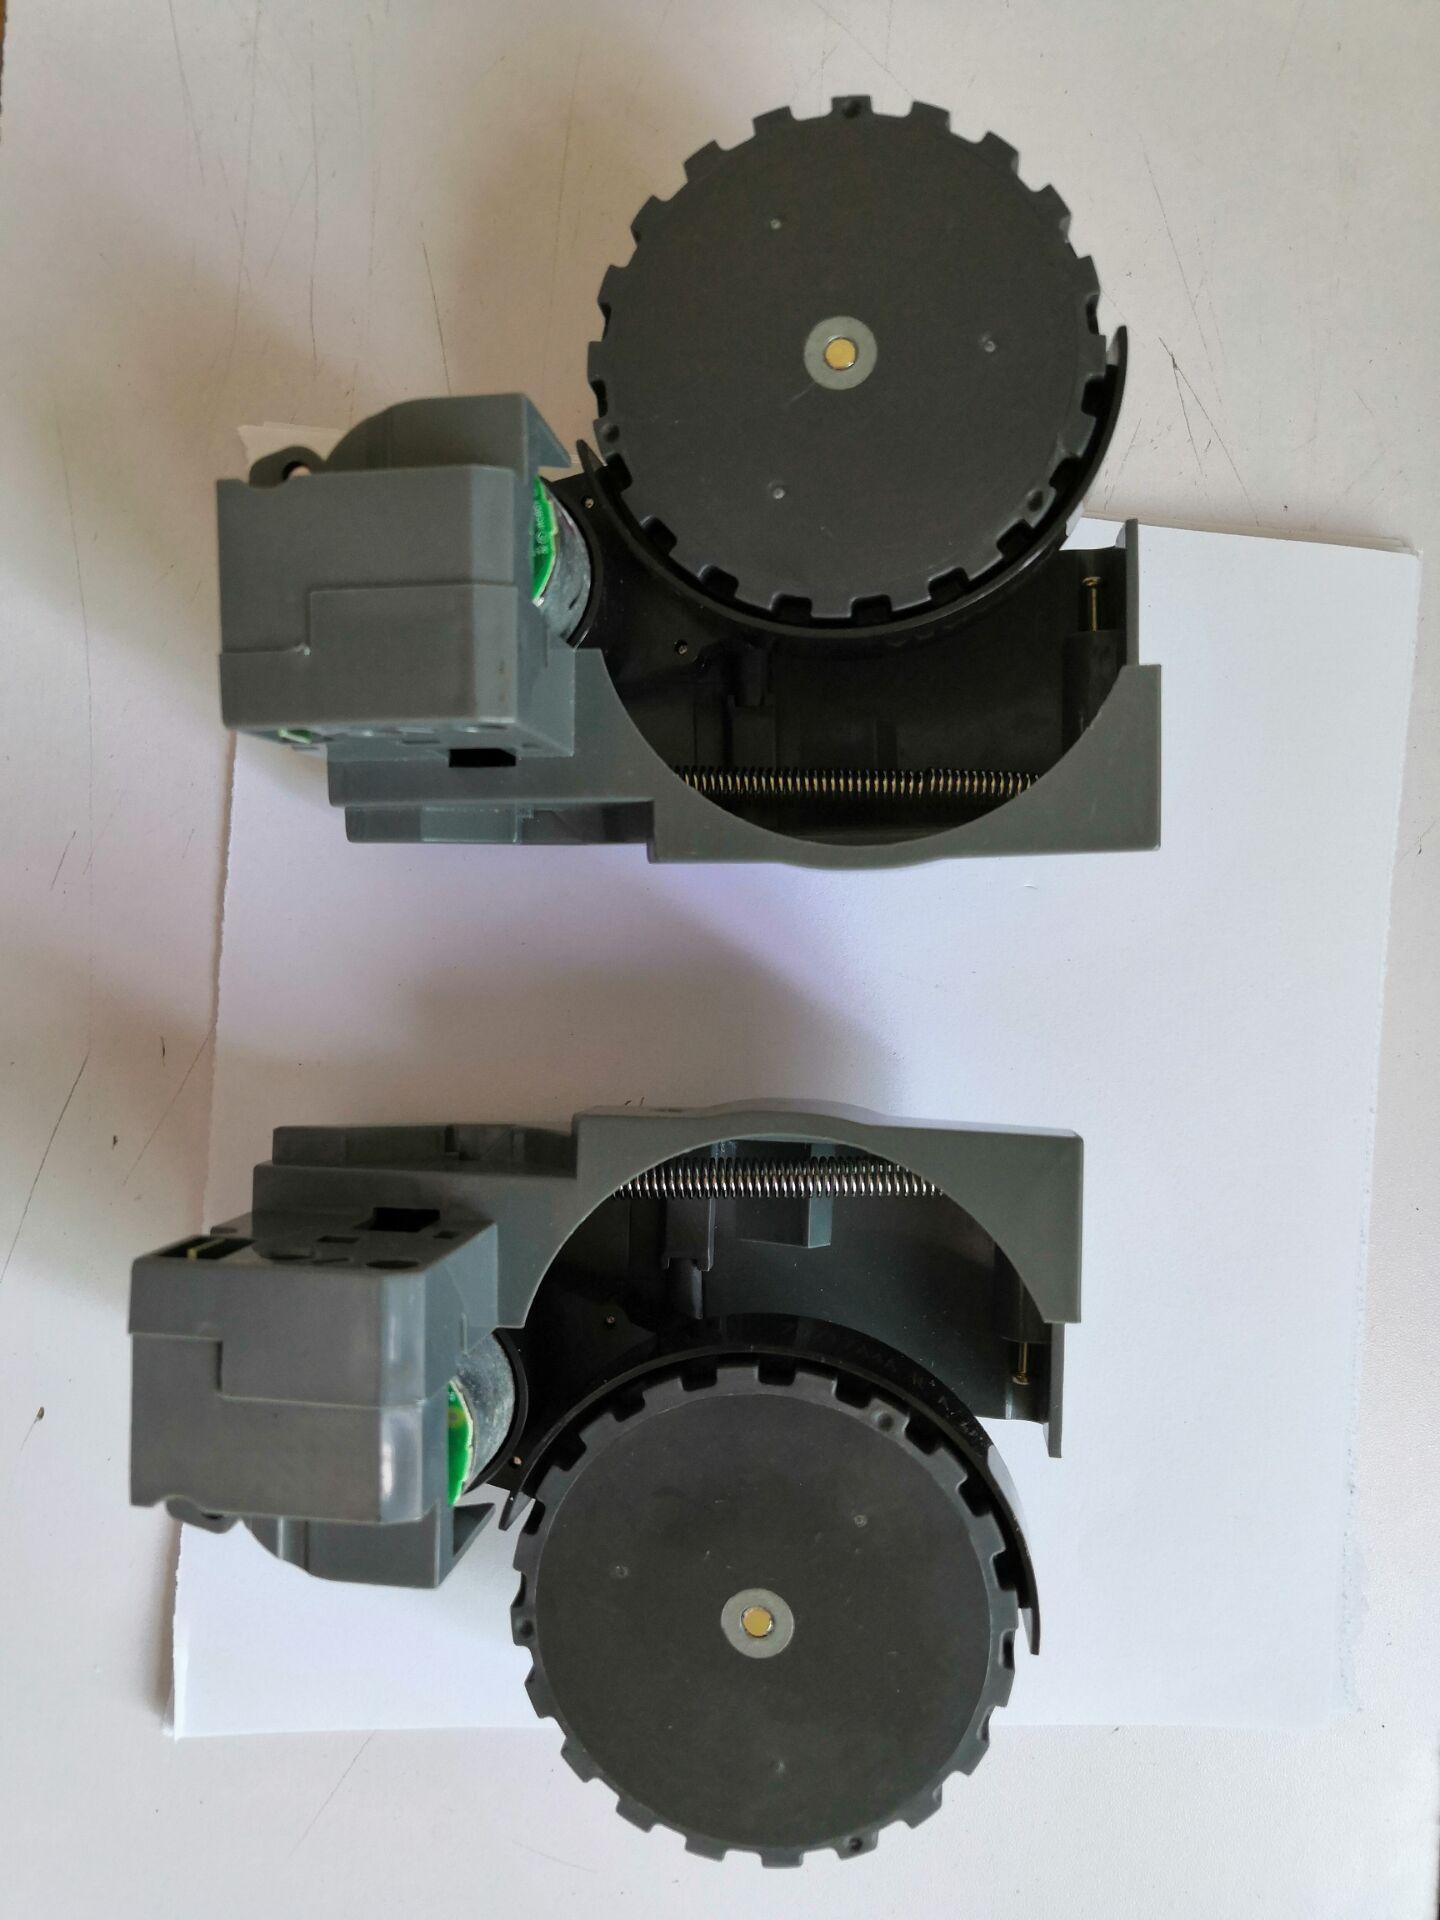 Запасные части для Roomba 800 серии правое/левое колесо для iRobot Roomba 880 885 980 890 870 871 875 860 861 980 пылесос